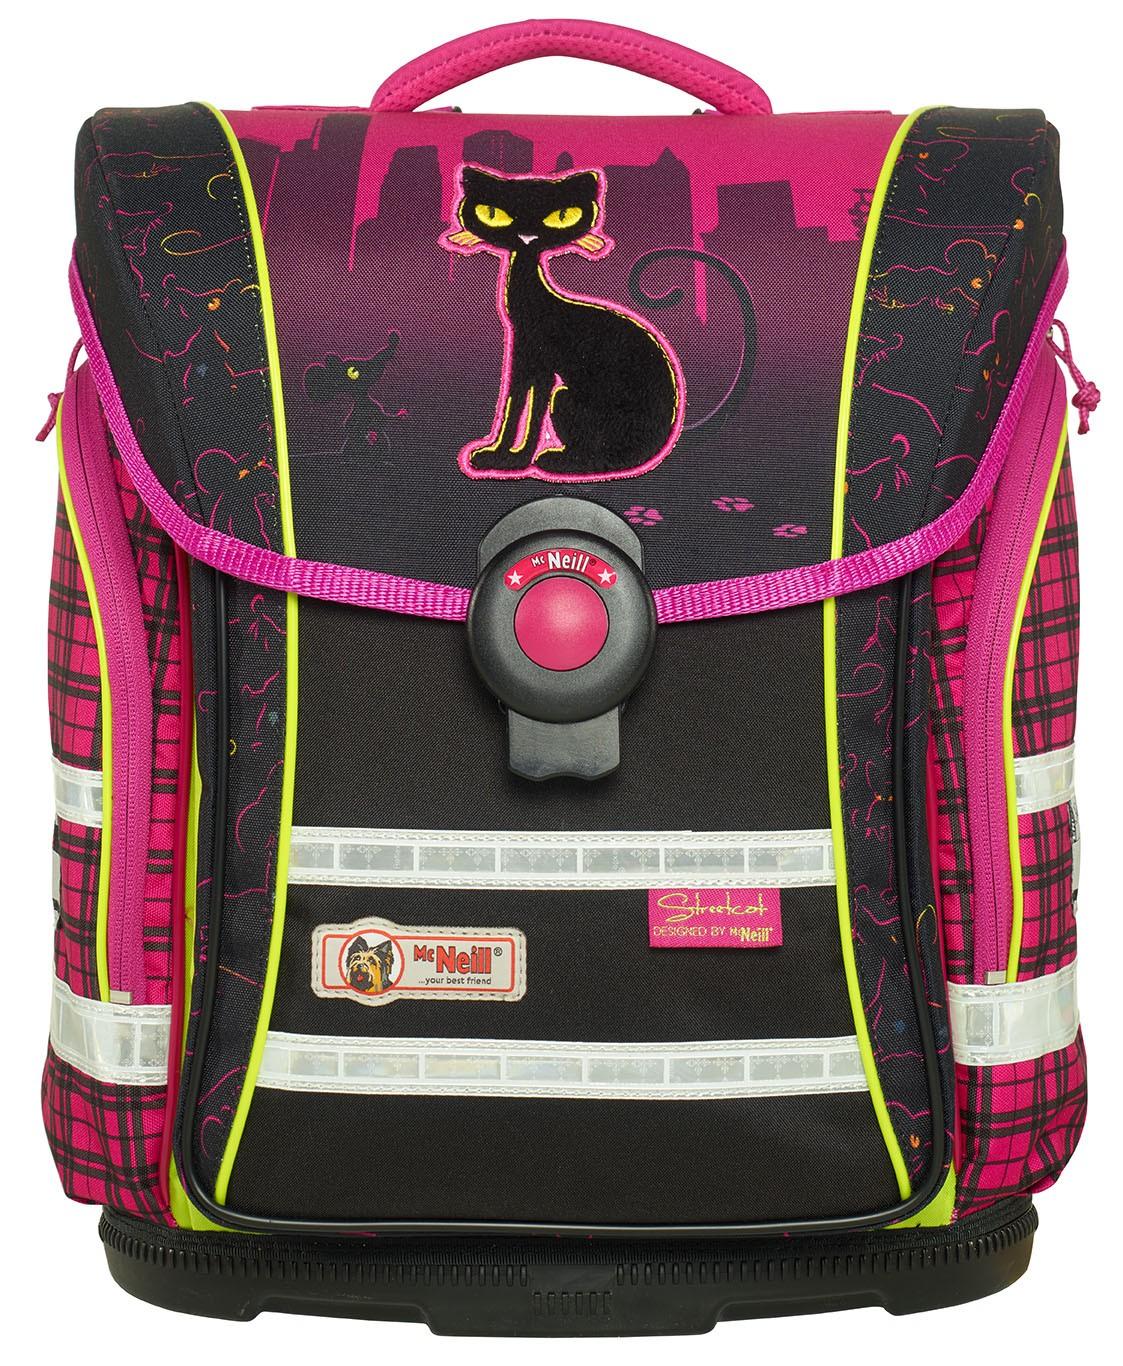 Школьный рюкзак MC Neill ERGO Light COMPACT Уличный кот